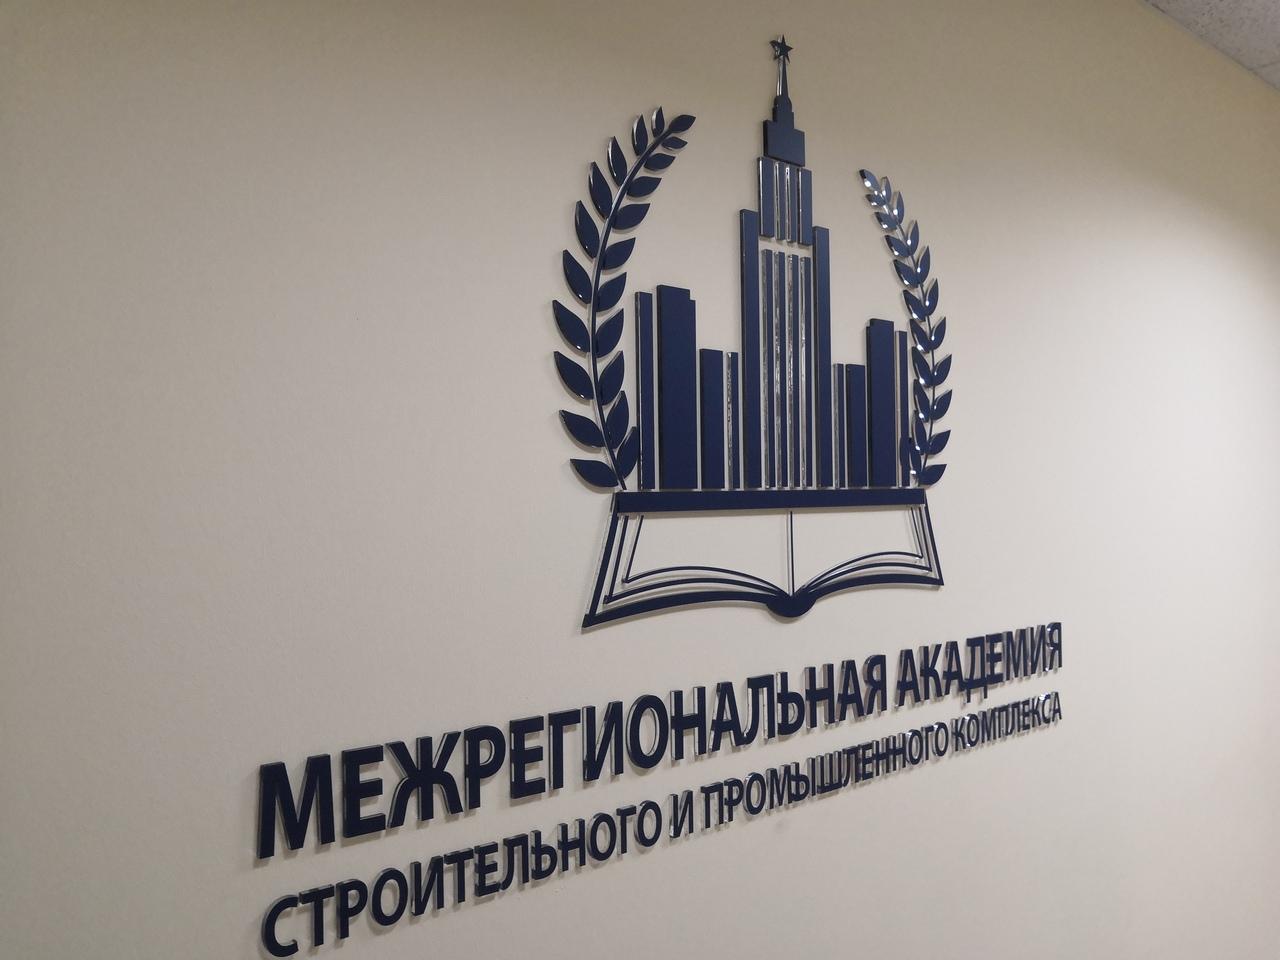 Межрегиональная Академия промышленного и строительного комплекса